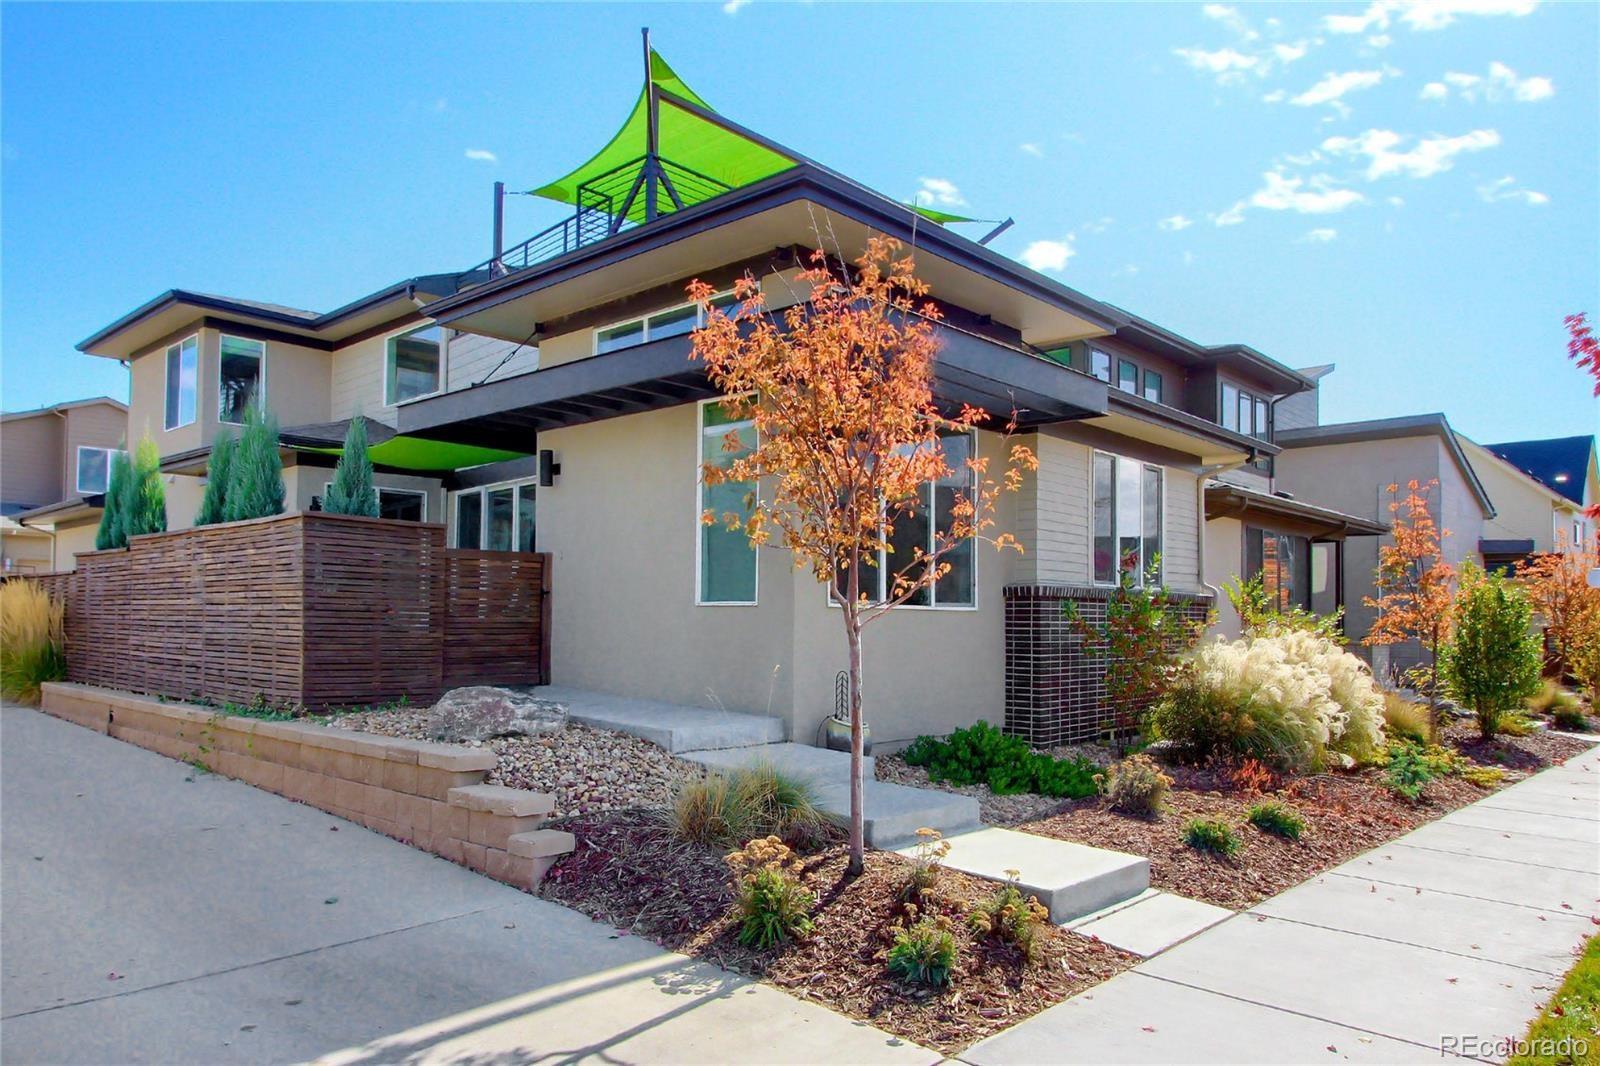 MLS# 5719967 - 1 - 6652 Larsh Drive, Denver, CO 80221